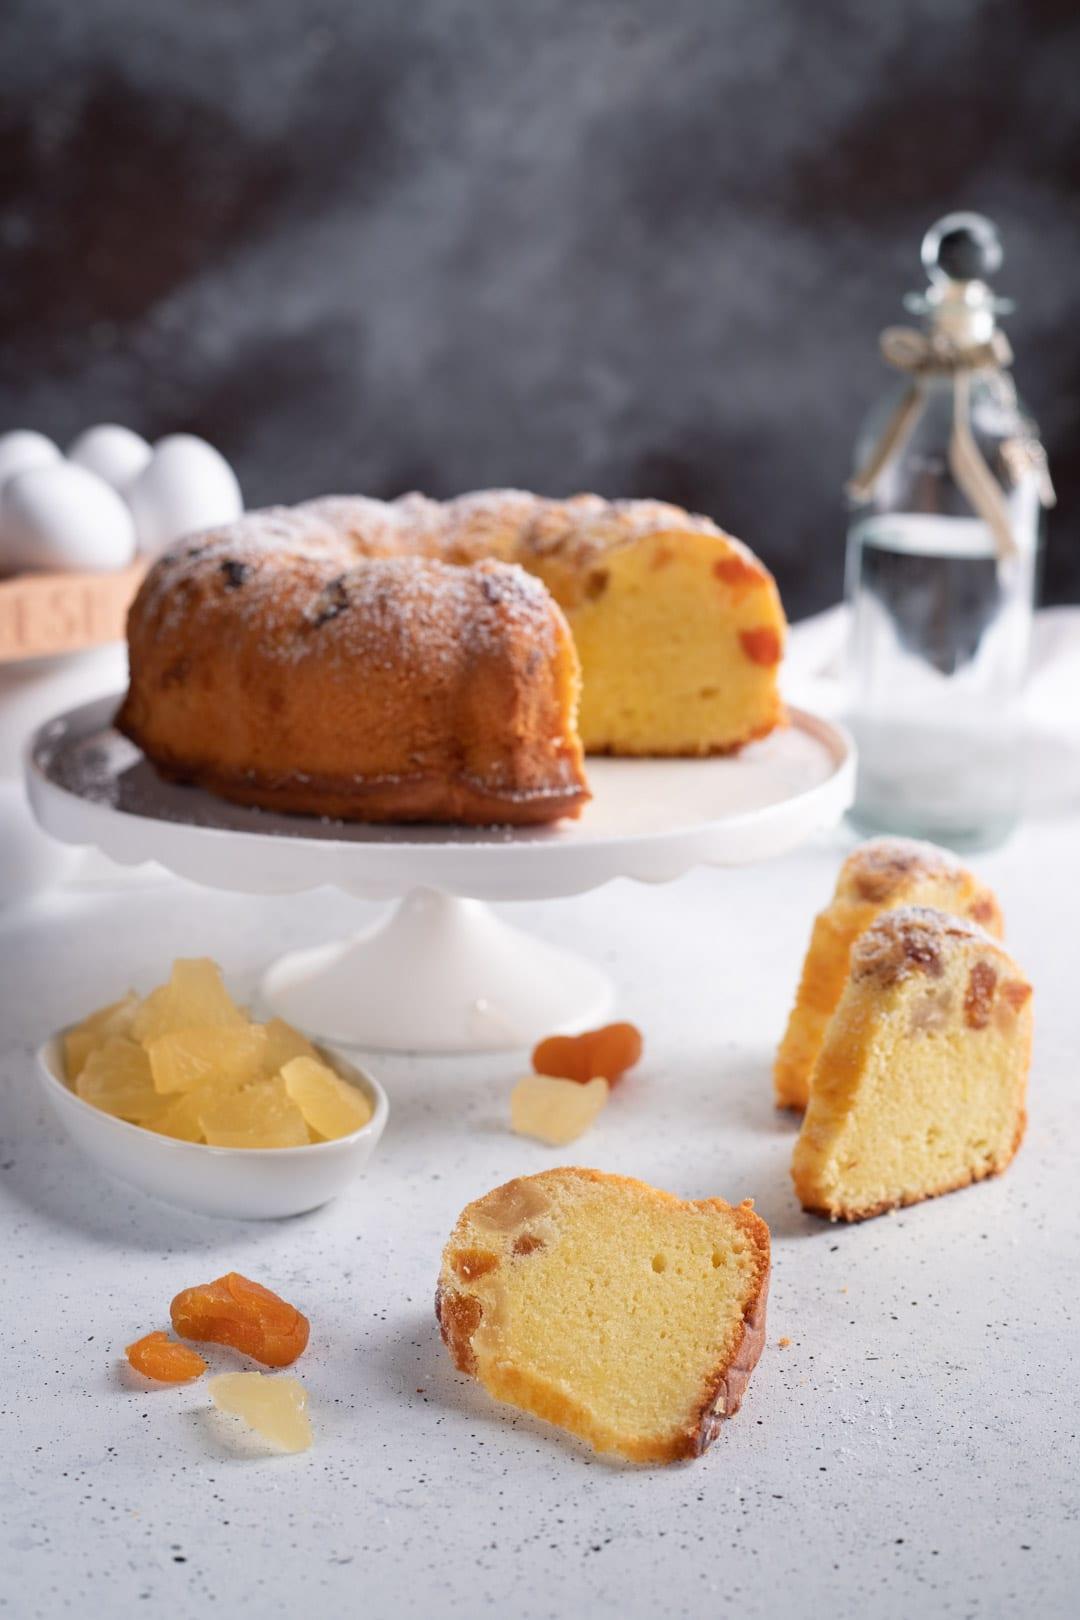 Torta Donizetti con fetta tagliata e pronta da gustare